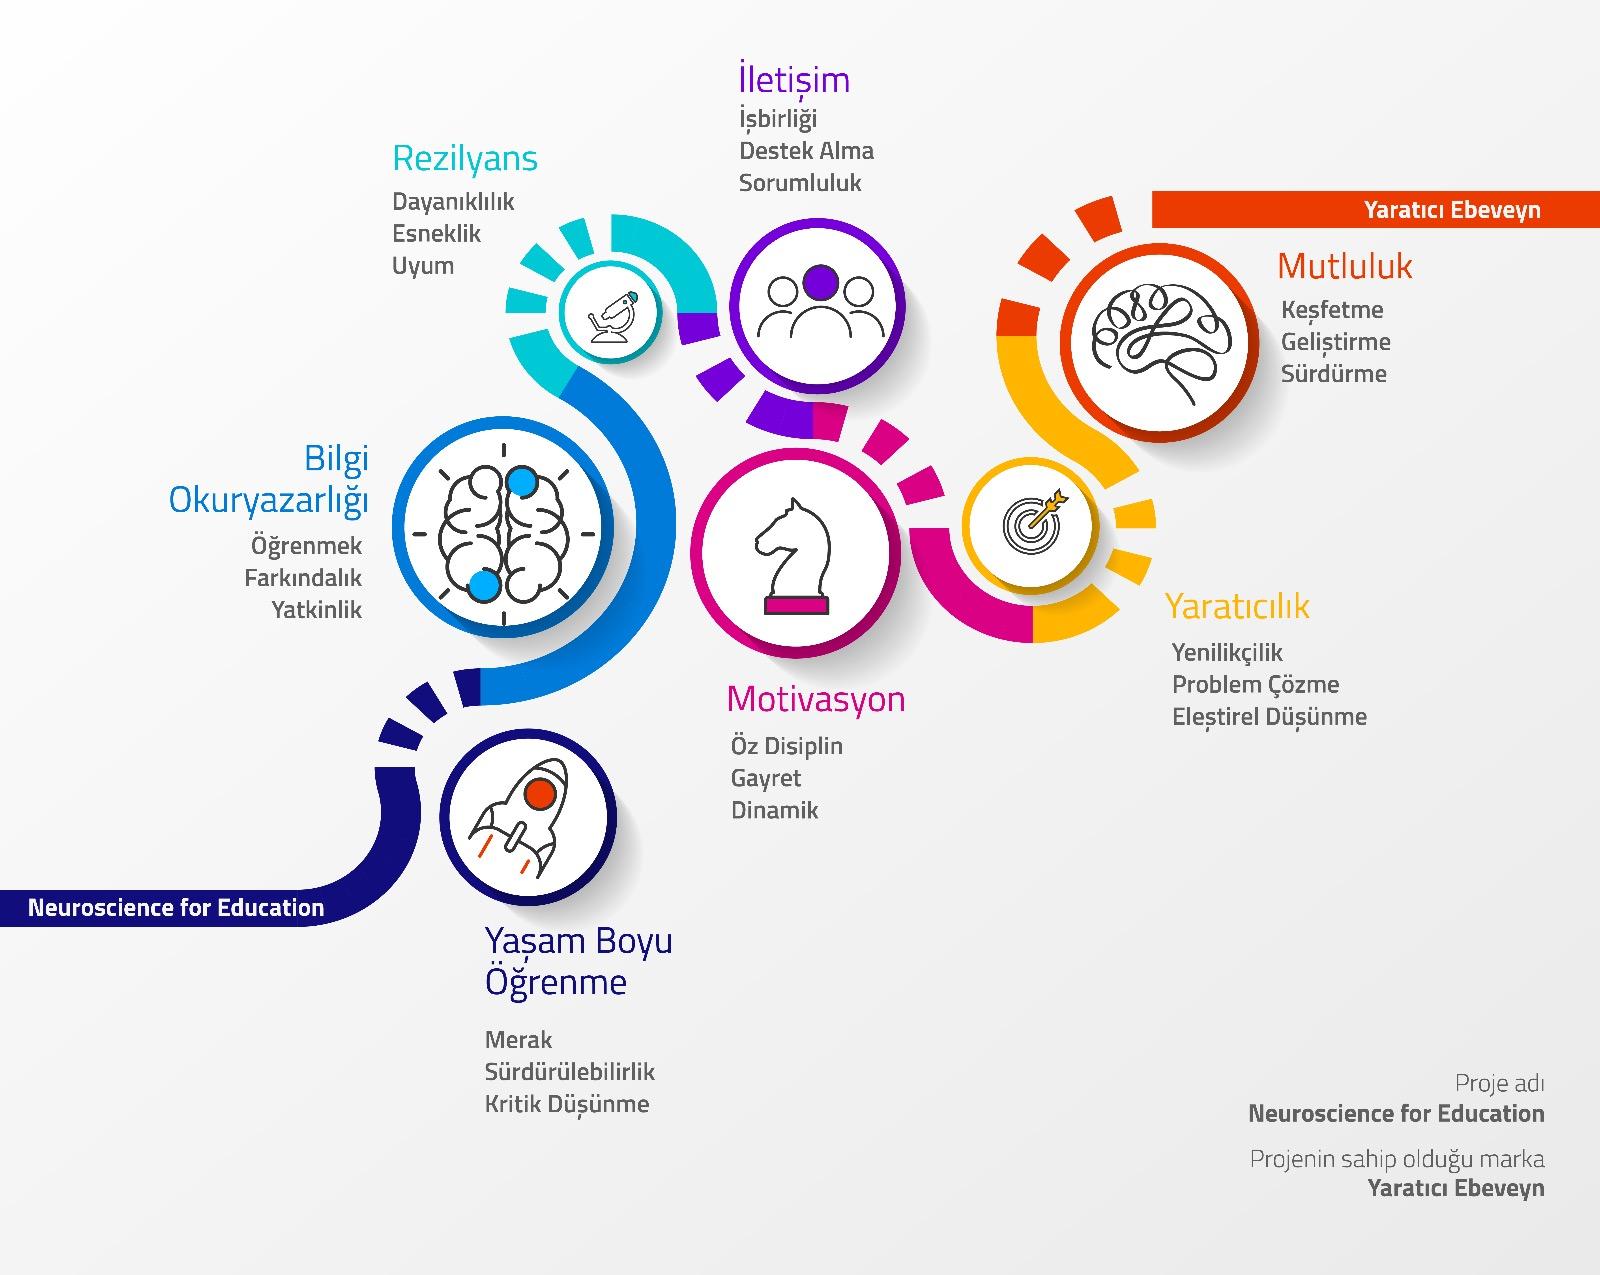 NeuroscienceFor-Education